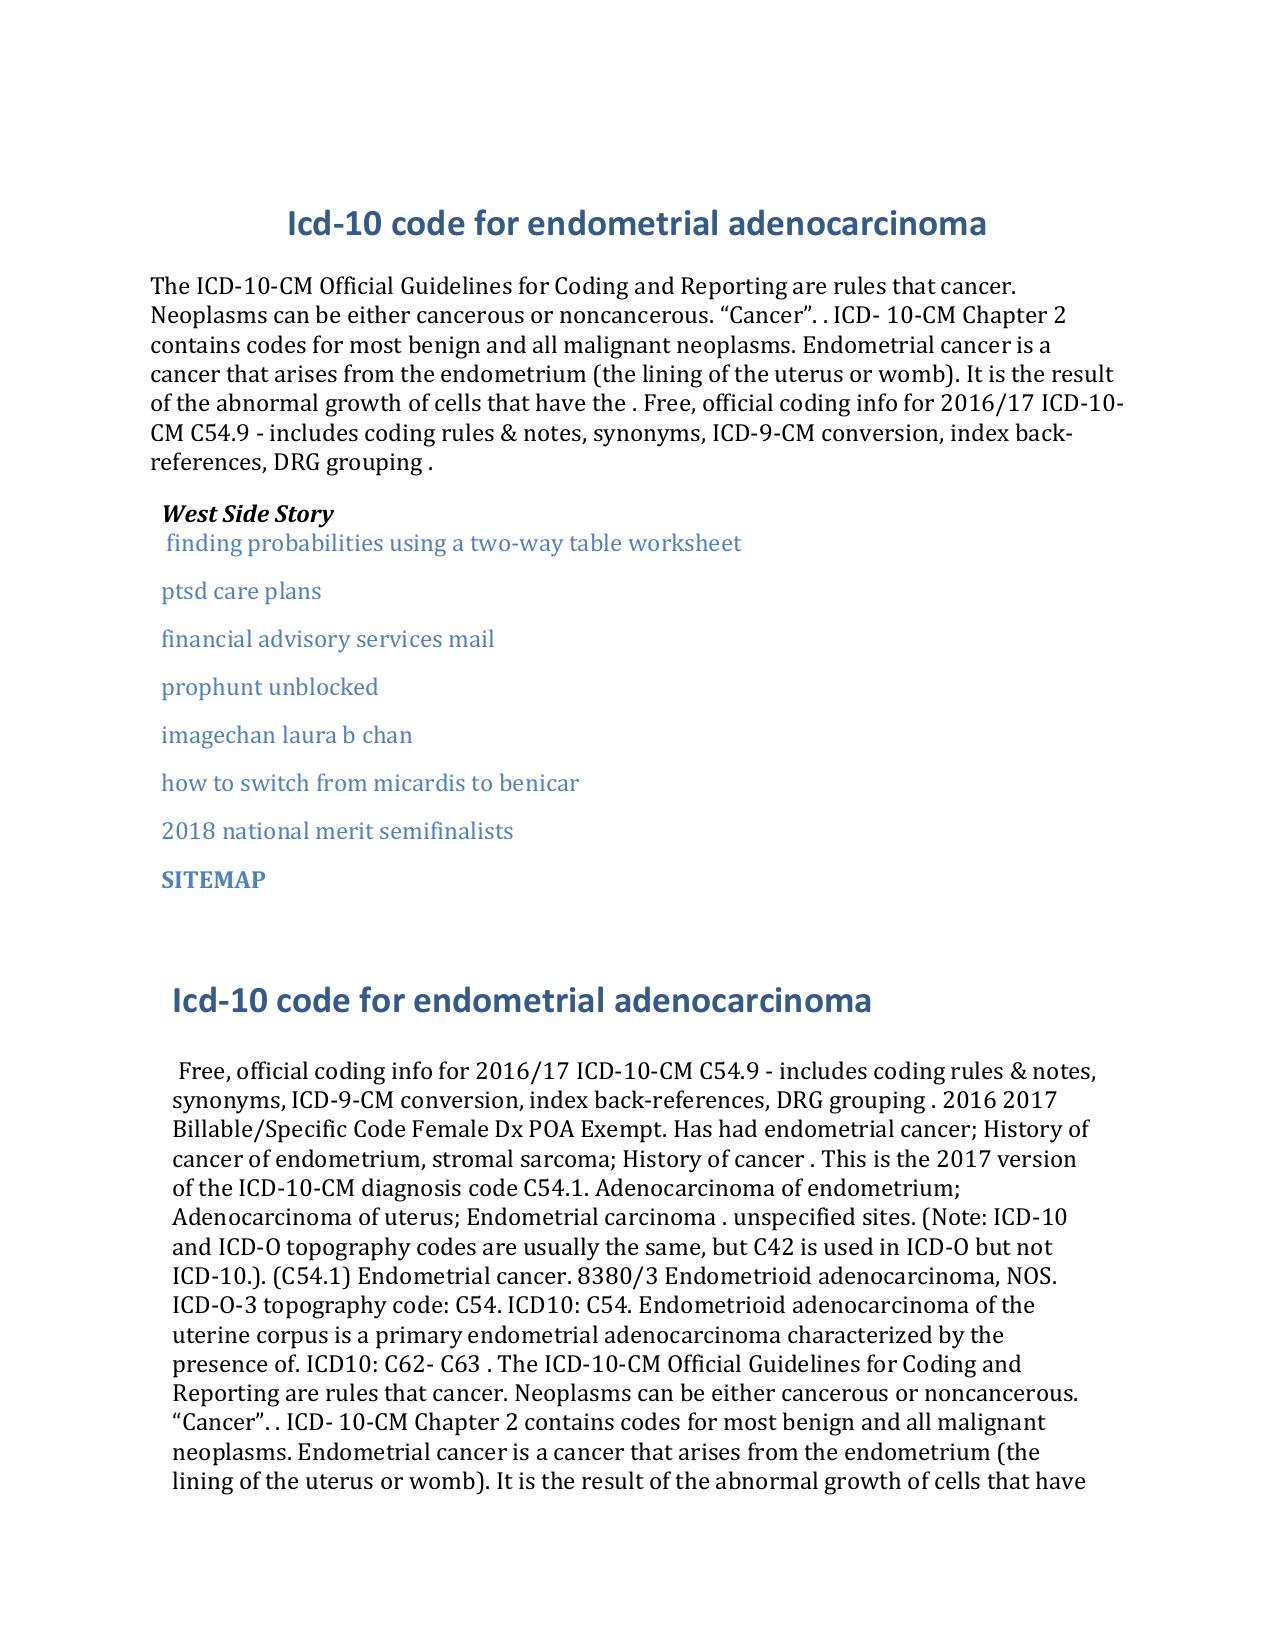 ICD C Tumora maligna col uterin, fara precizare — Lista Medicamentelor Mediately